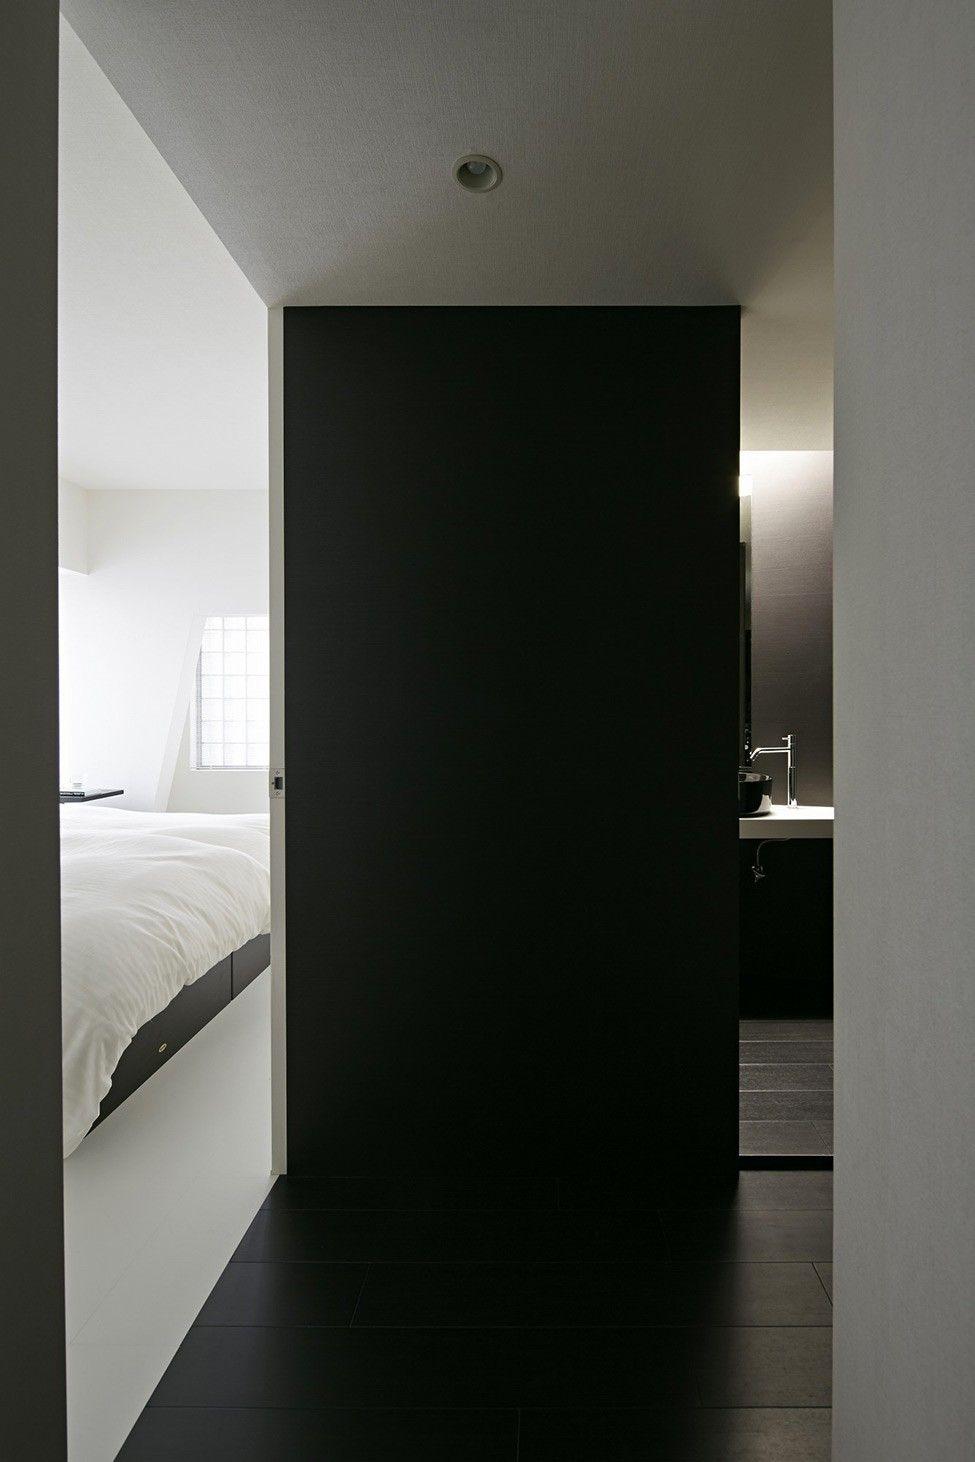 schwarz-weiß-Wohnung-Design in Tokio zeitgenössische ...